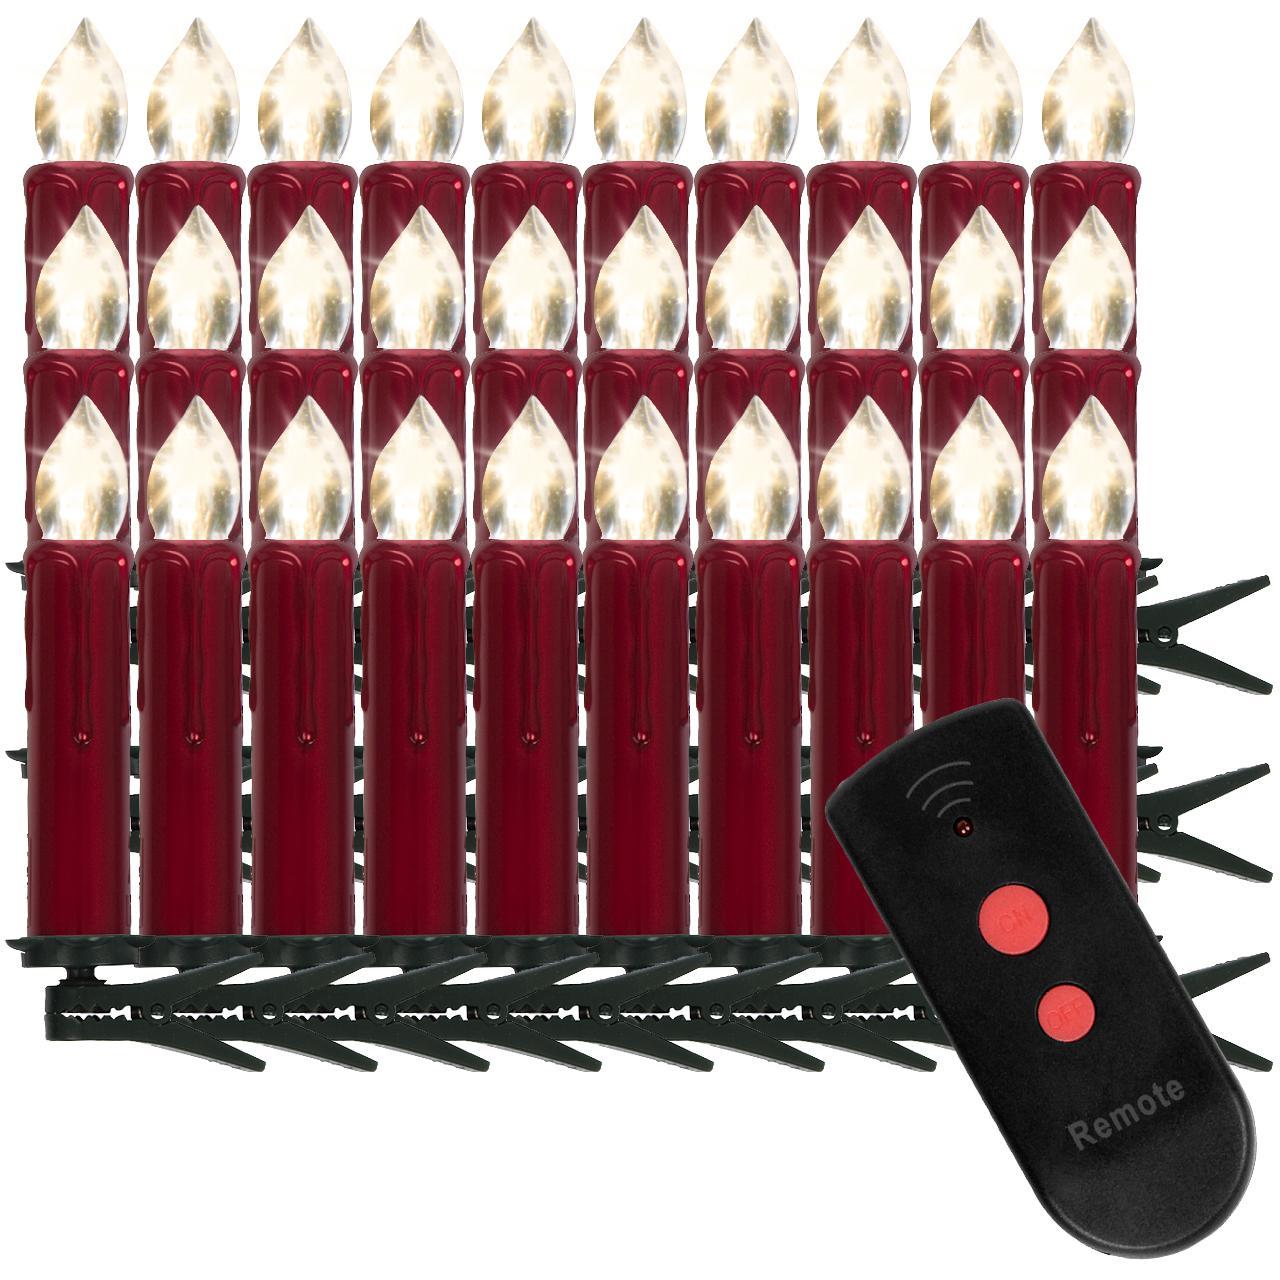 Kabellose led weihnachtskerzen 20 30 40 lichterkette weihnachtsbaumbeleuchtung - Weihnachtsbaum lichterkette ohne kabel ...